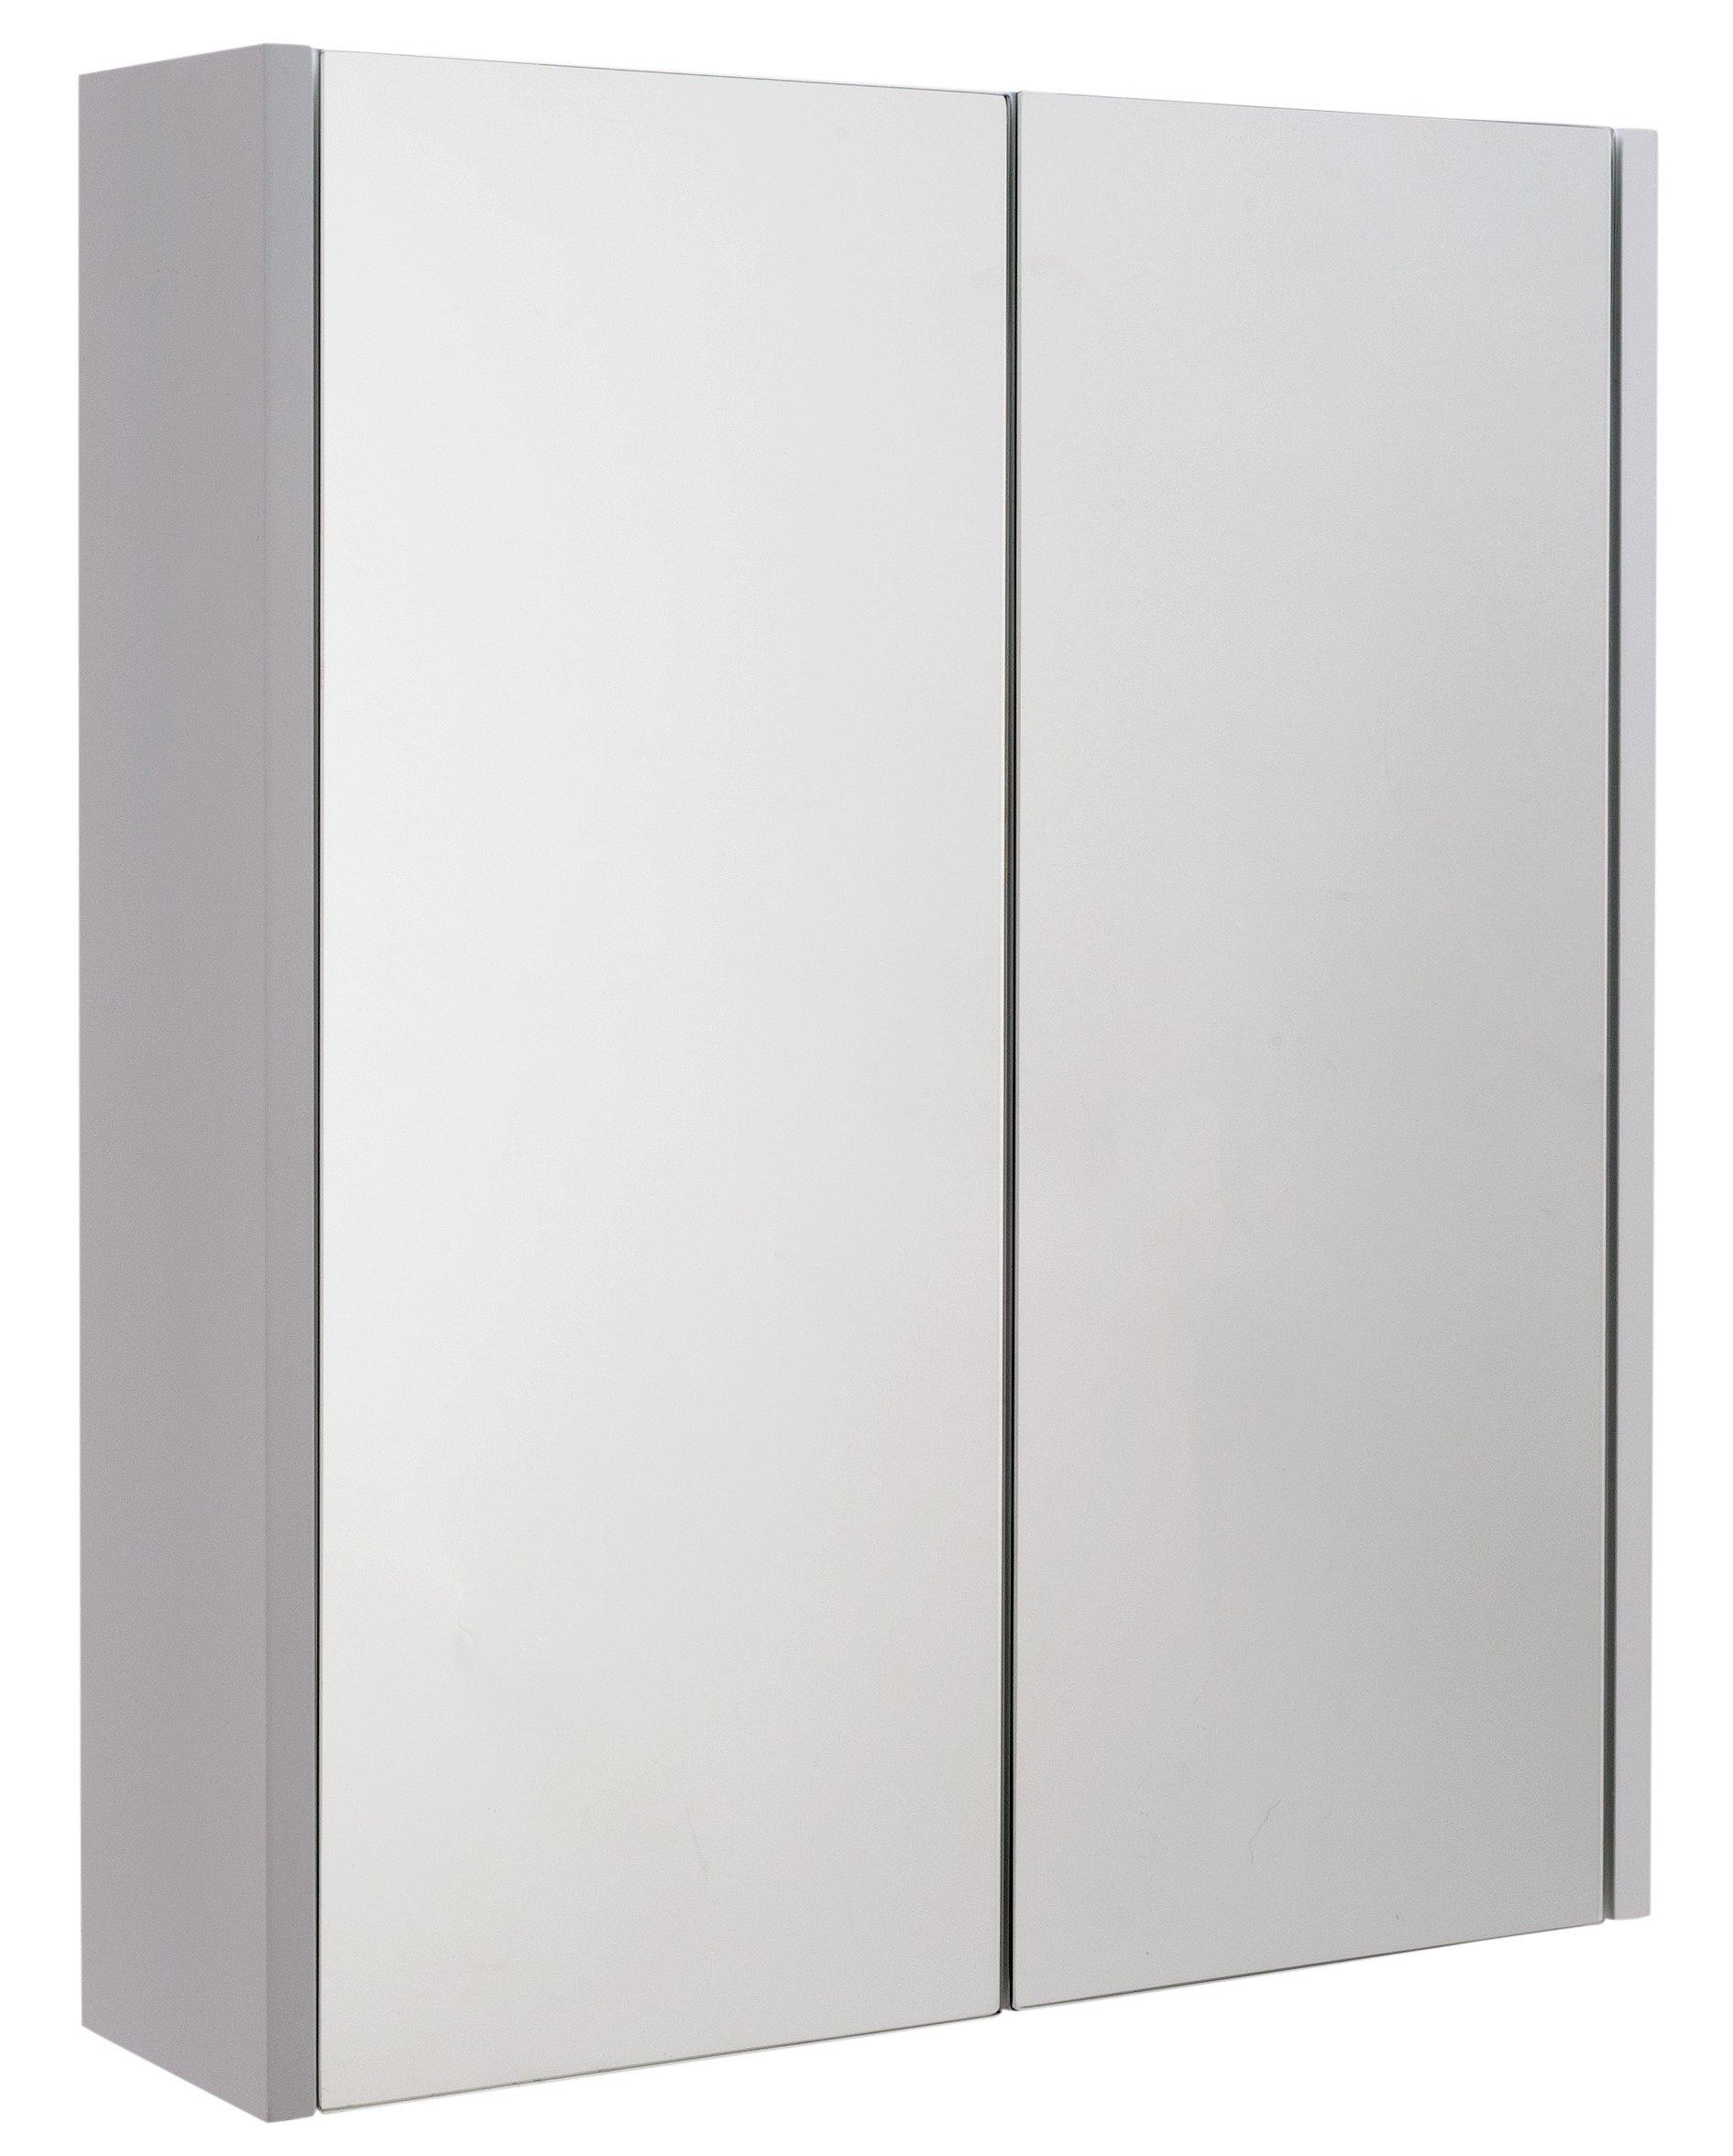 Argos home 2 door mirrored bathroom cabinet